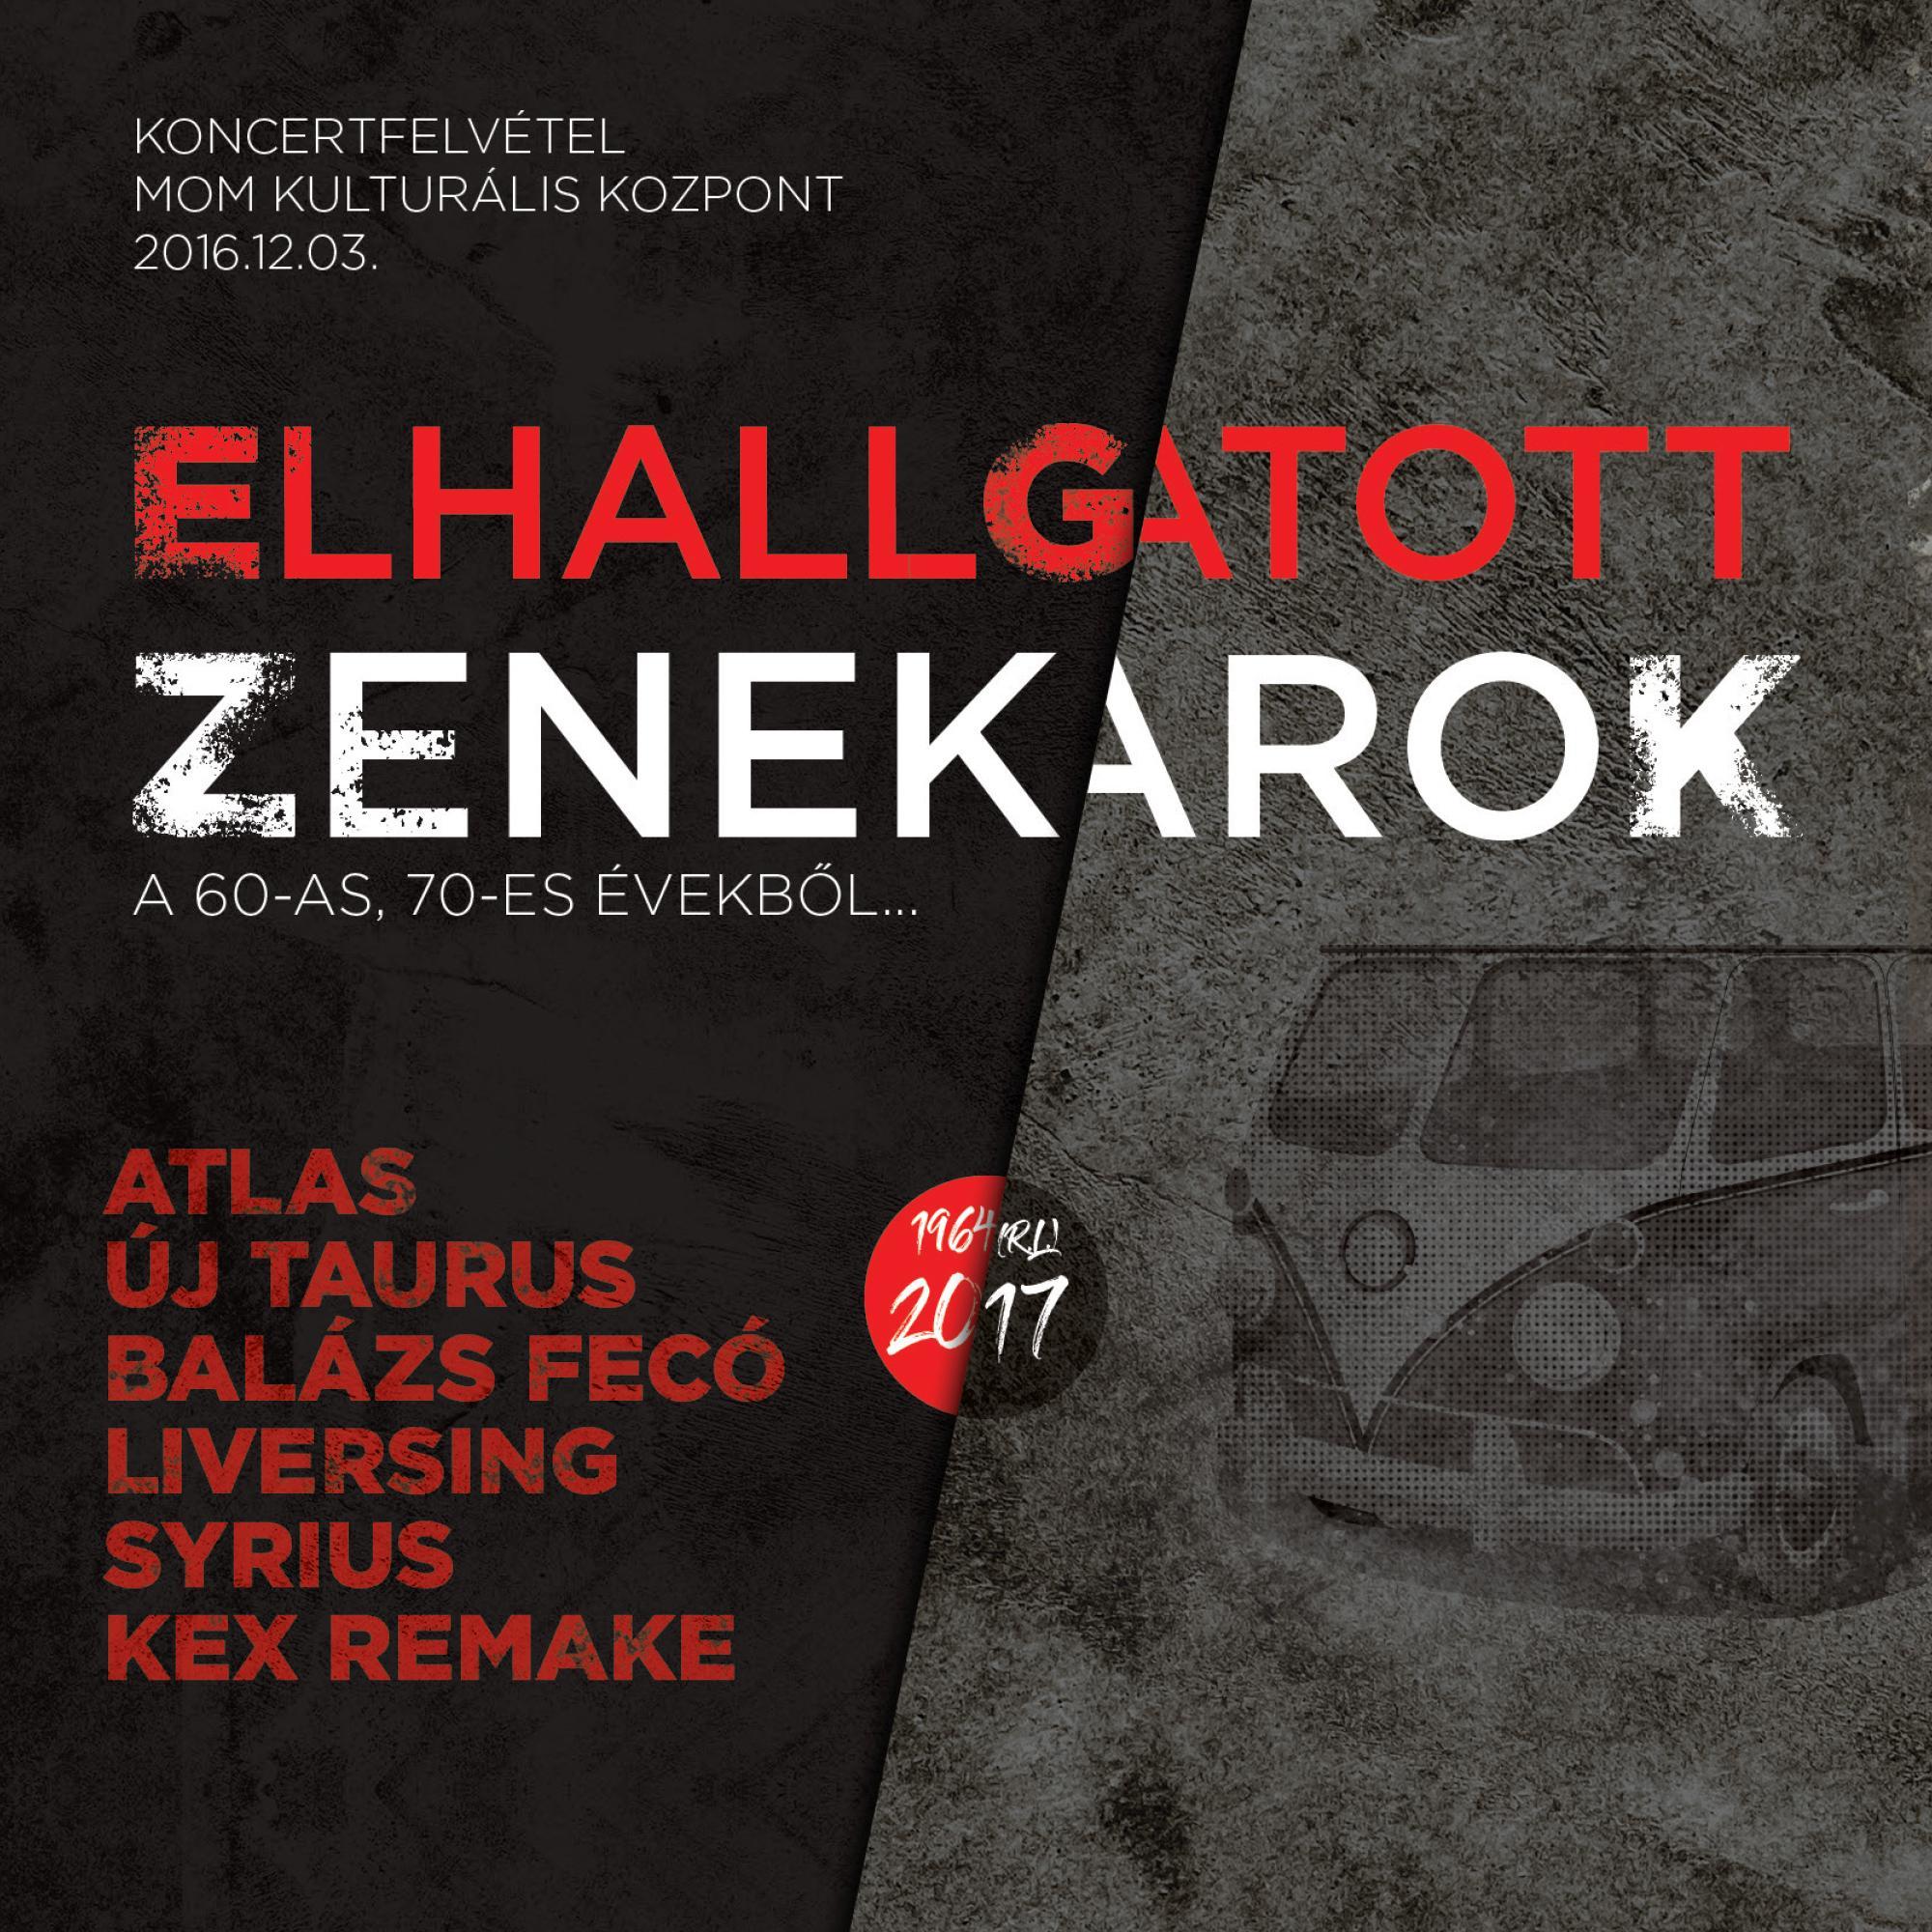 ELHALLGATOTT ZENEKAROK A 60-AS, 70-ES ÉVEKBÕL... - 2CD+DVD) -